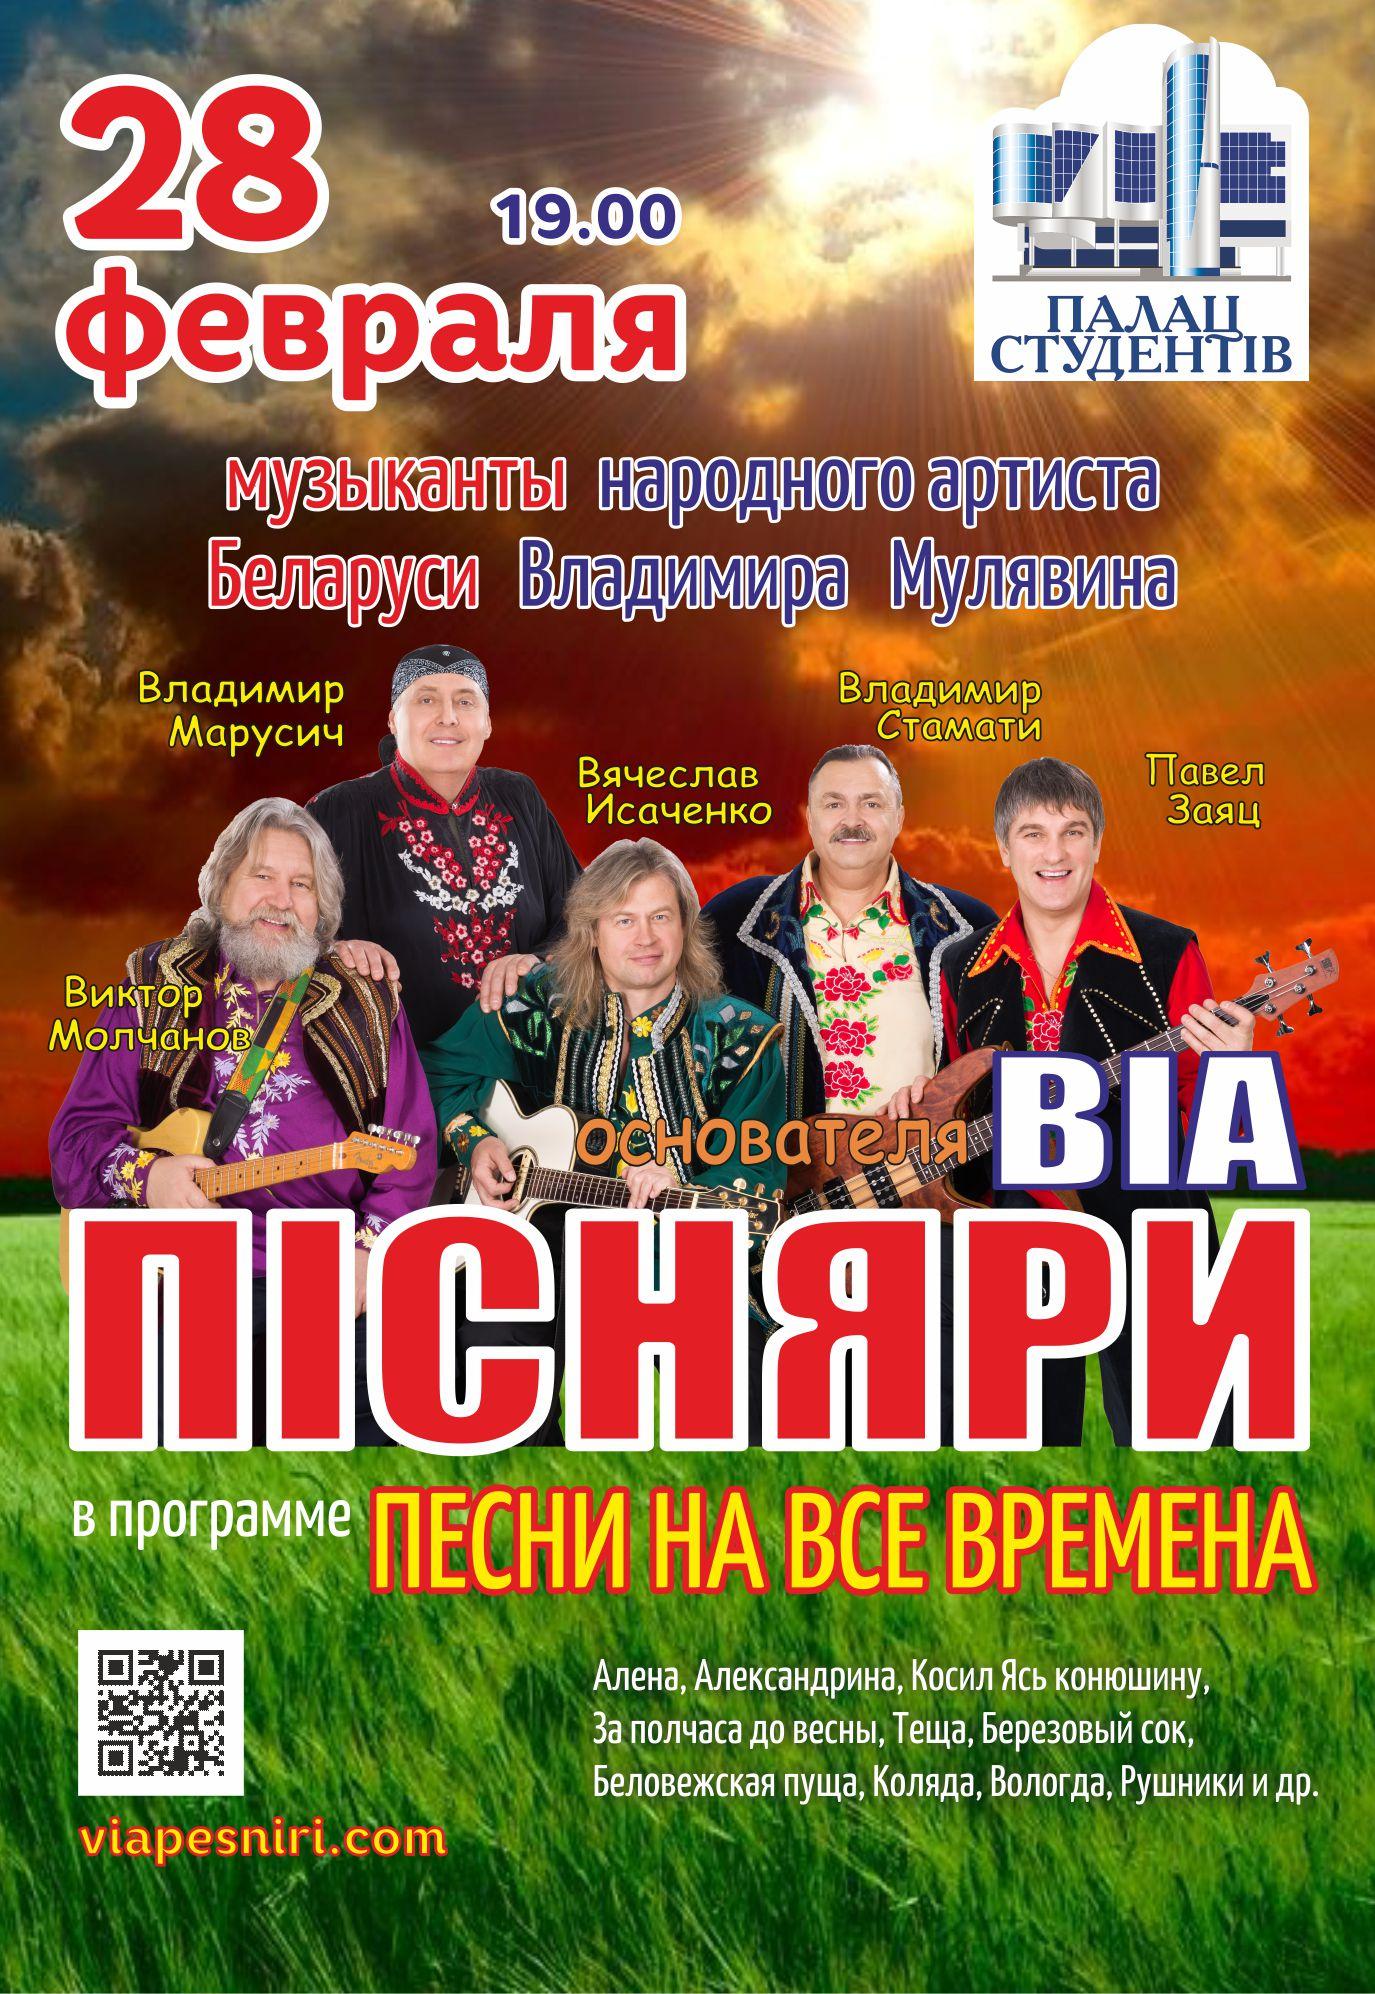 Купить билет на концерт песняров биржа билетов в театр в москве